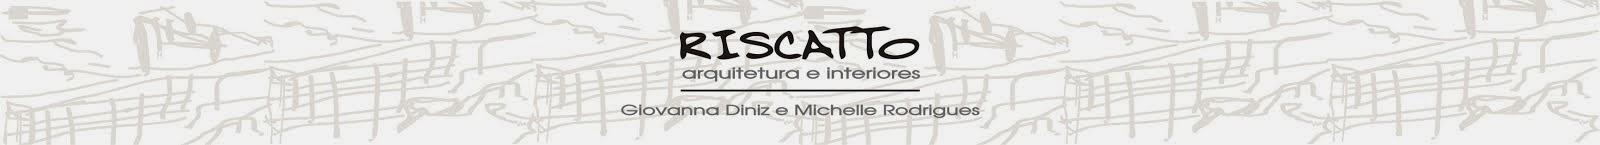 Riscatto - Arquitetura & Interiores